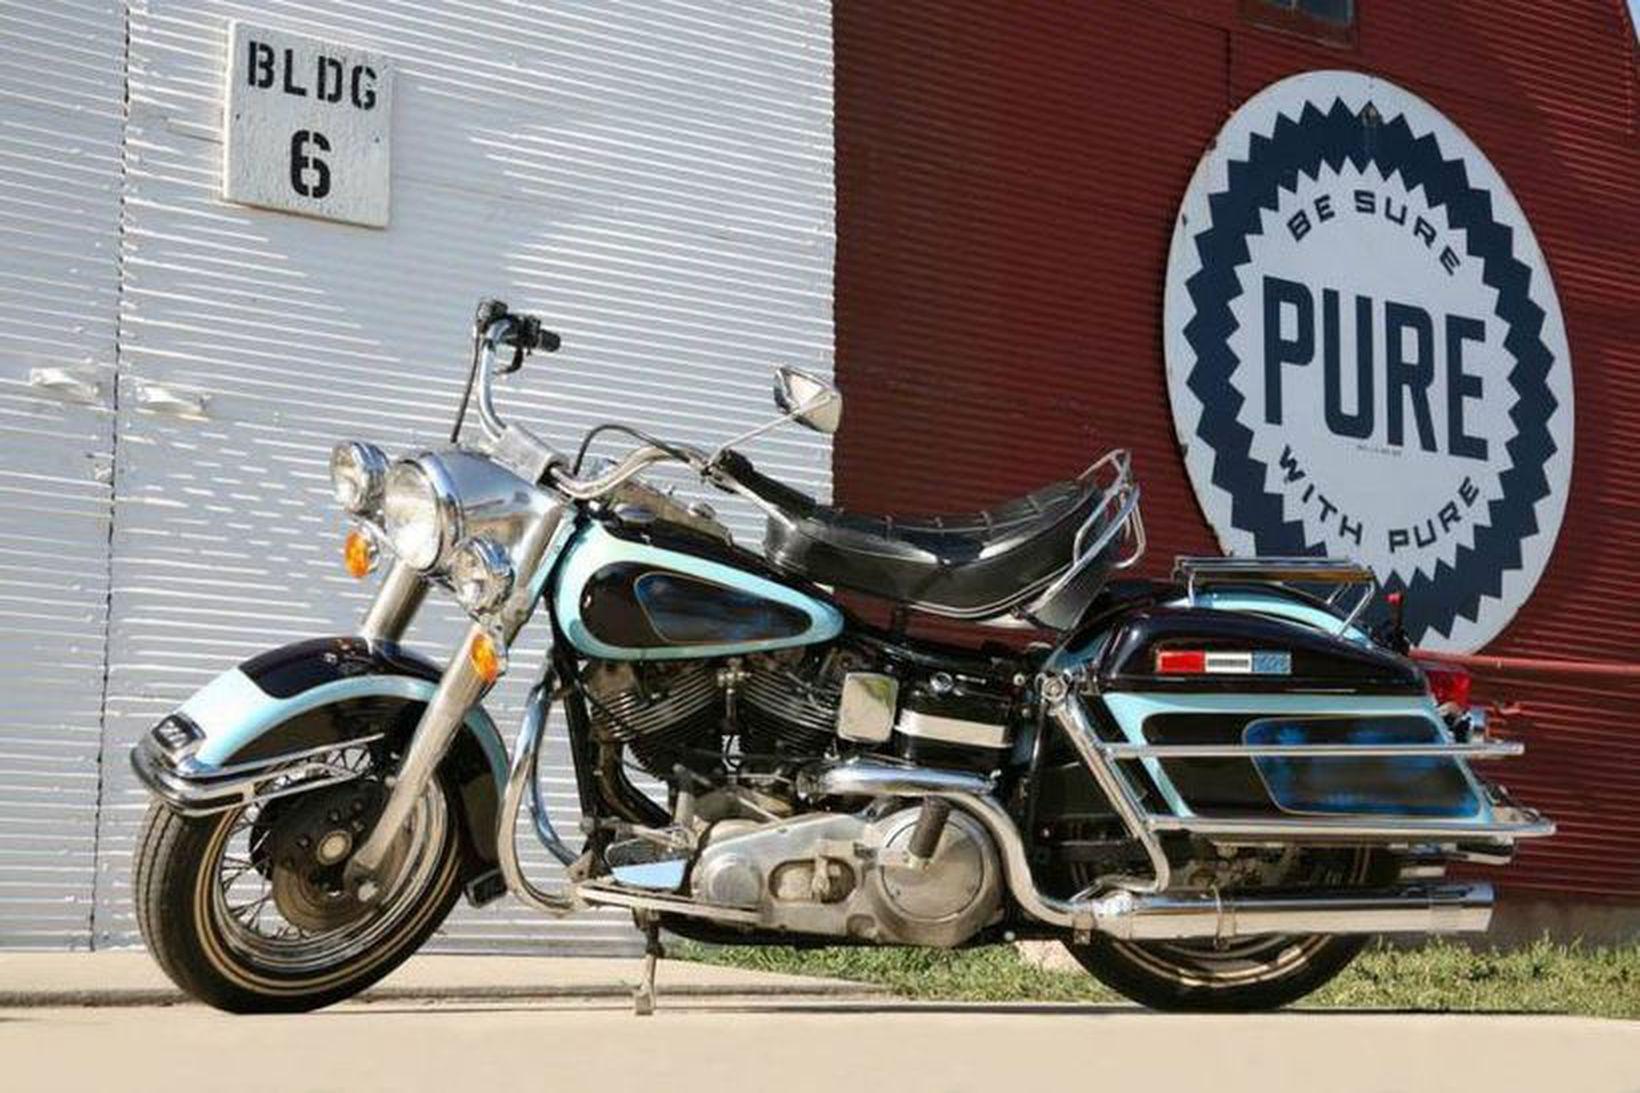 Harley-Davidson FLH 1200 Electra Glide mótorhjól Presley er metið tveggja …